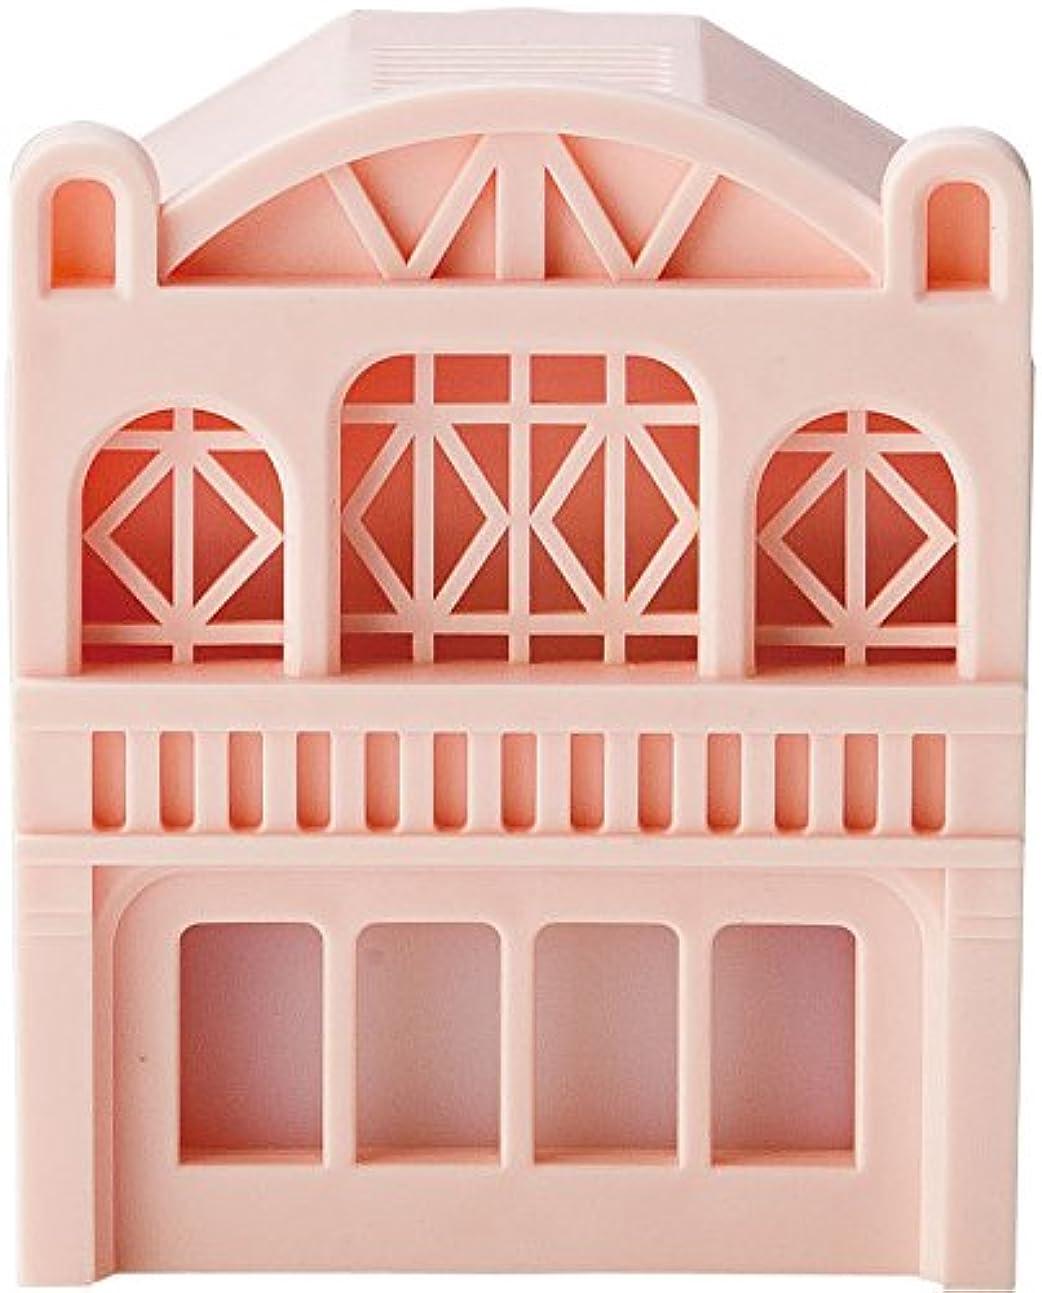 何もないベール鎖ラドンナ CUTENSIL AROMA HOUSE FAN (アロマハウスファン) CU01-AHF ピンク